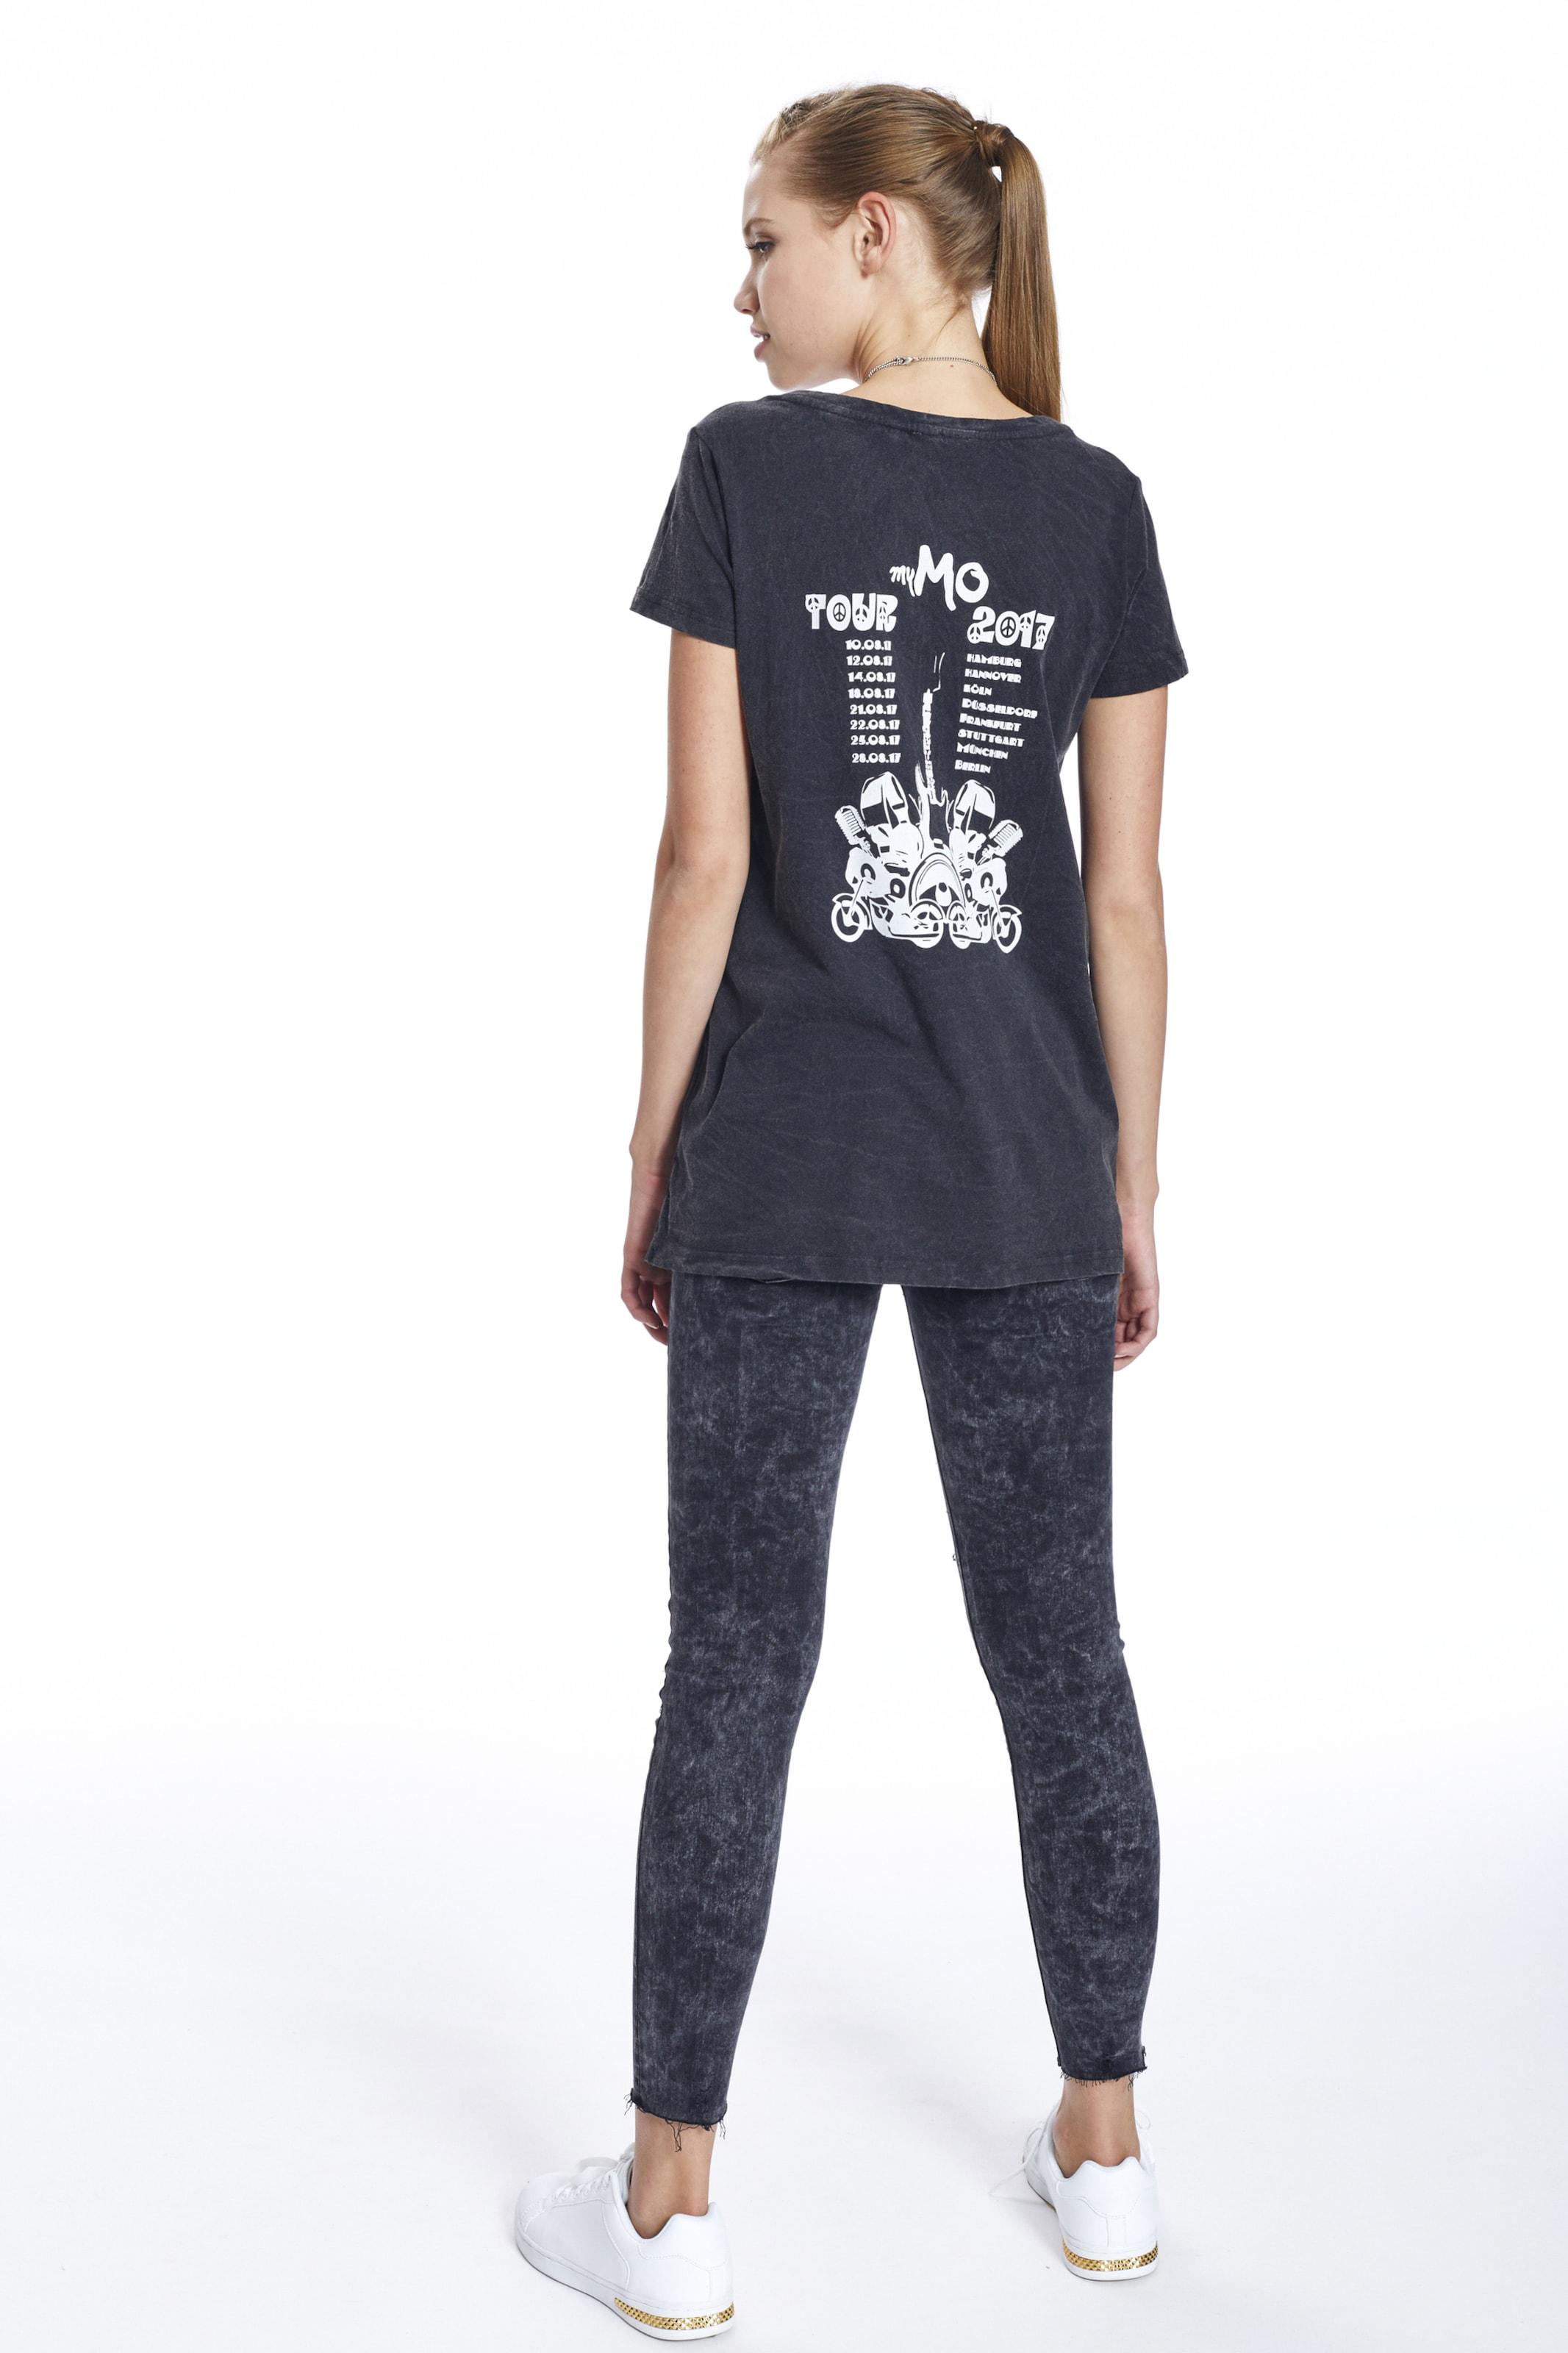 MYMO Shirt Shirt T T MYMO T MYMO OnHU8